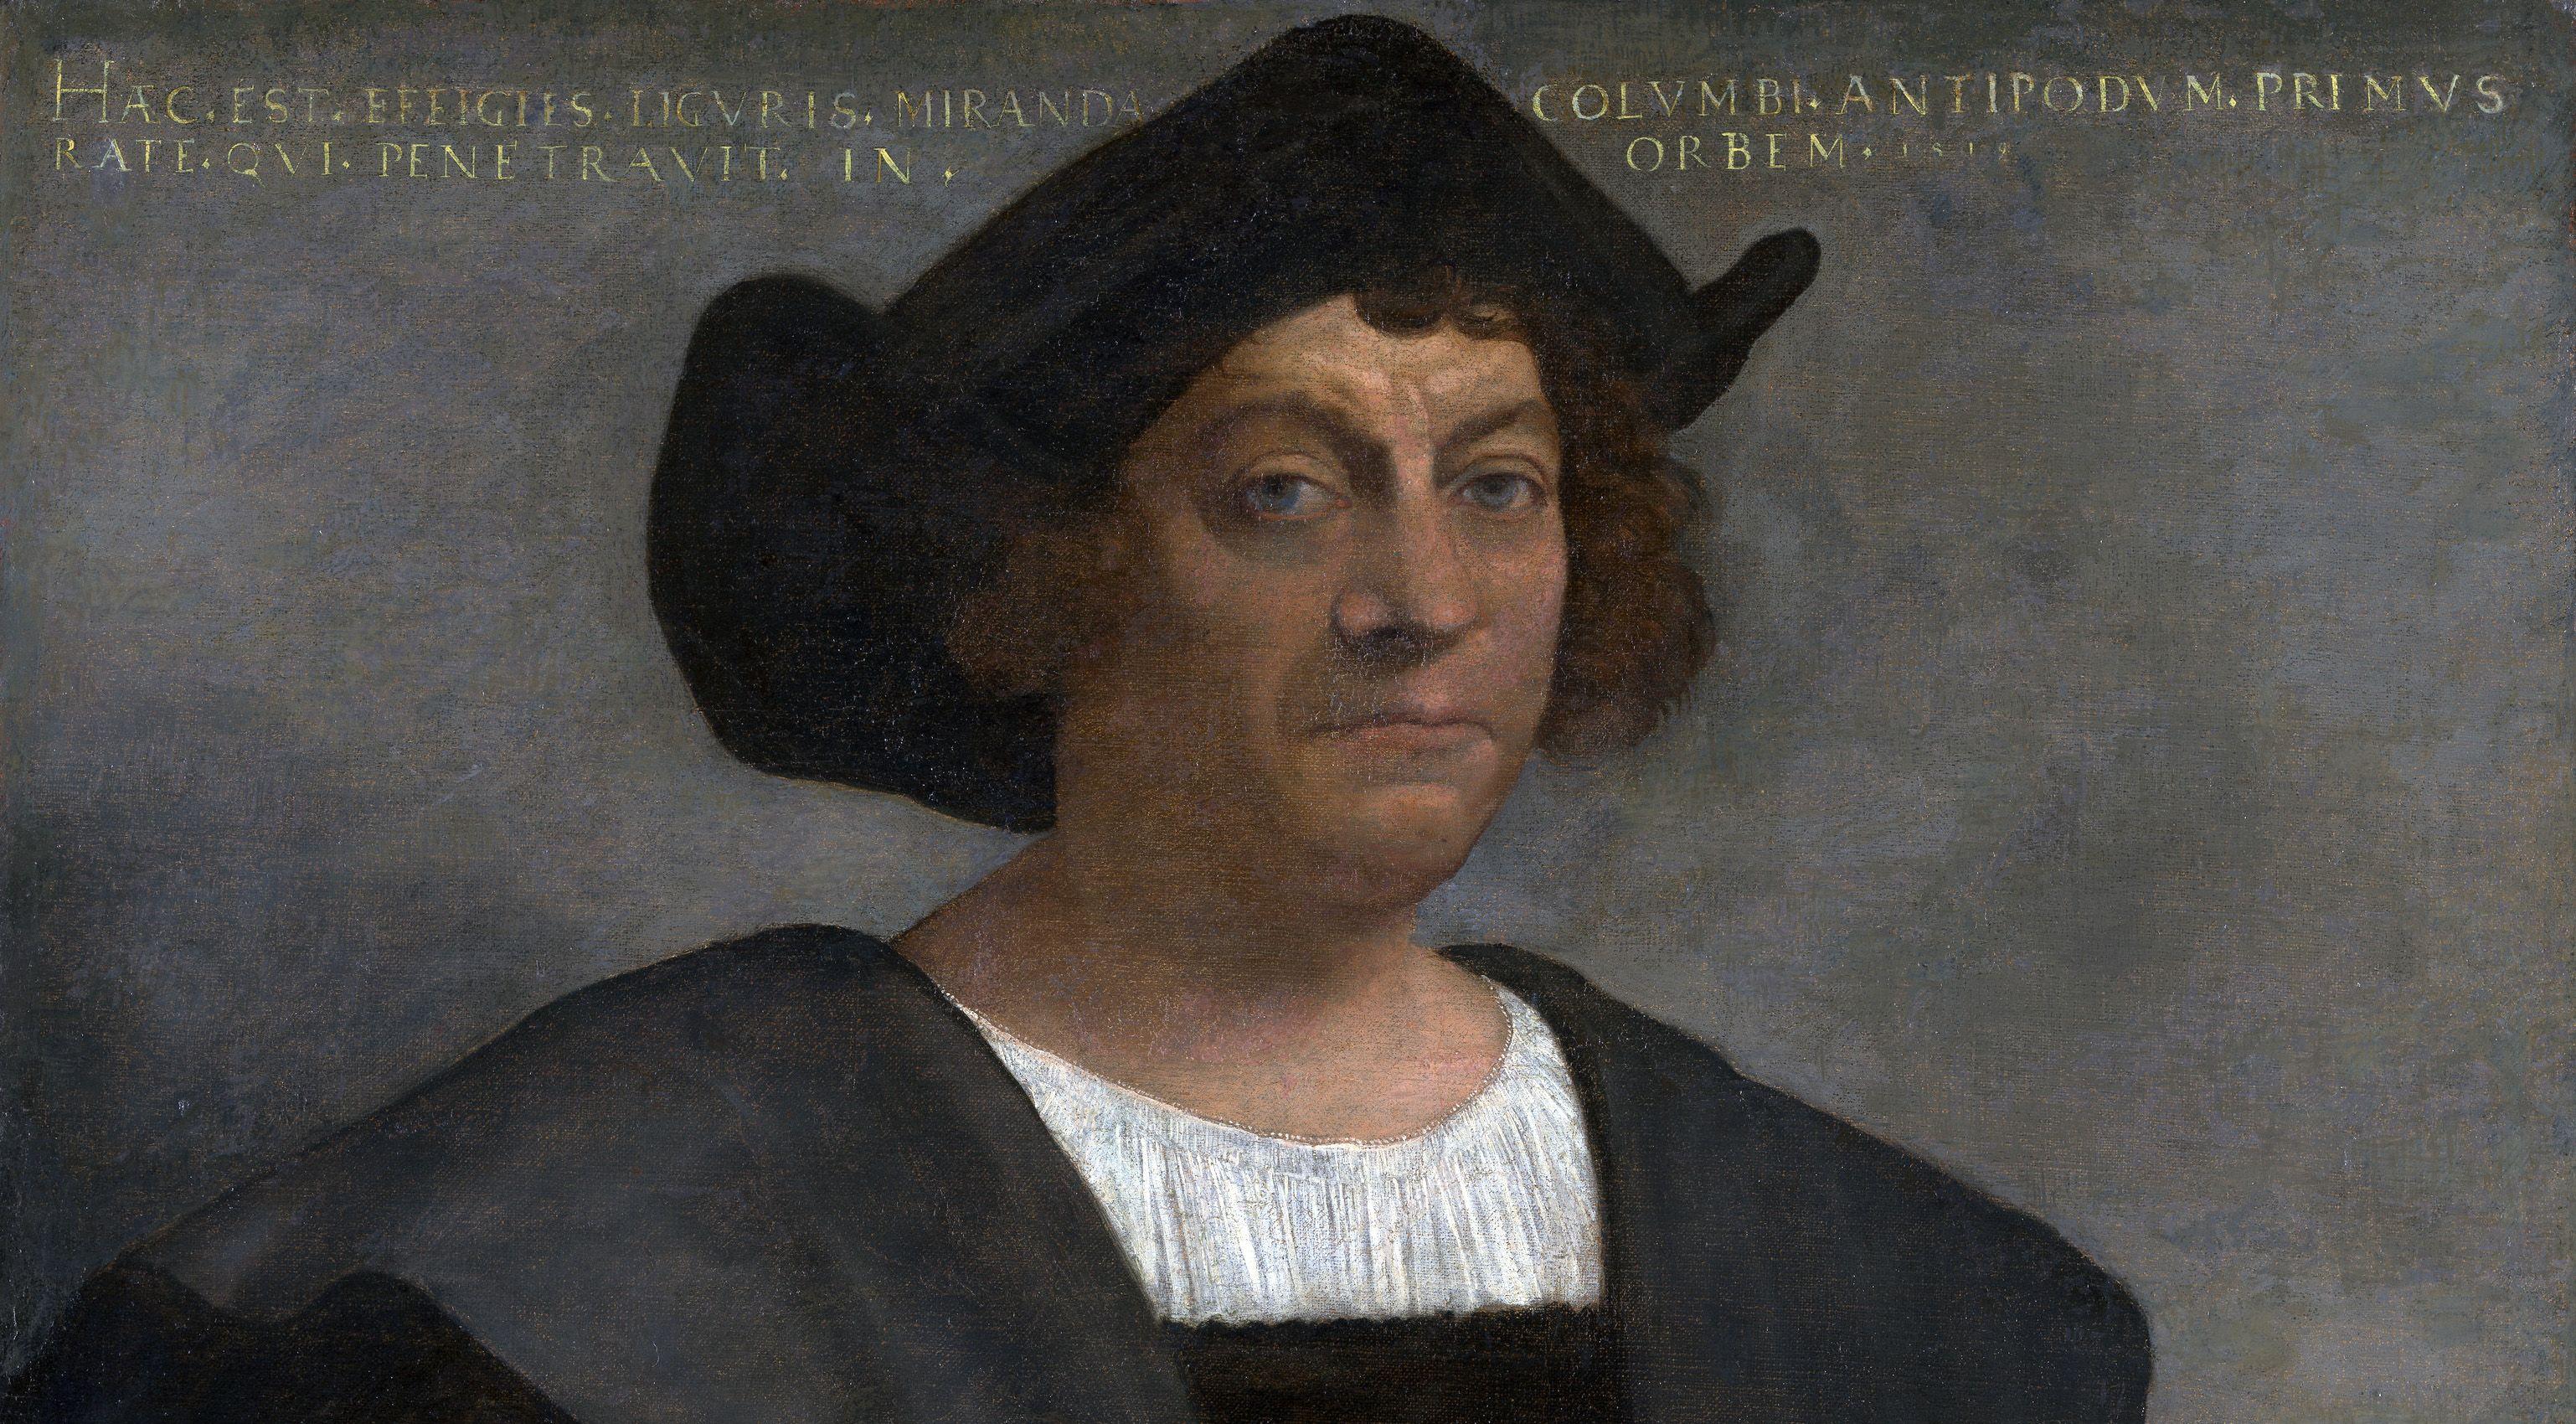 Porträt eines Mannes, der Christoph Kolumbus sein soll | Bildquelle: https://commons.wikimedia.org/wiki/File:CristobalColon.jpg © Sebastiano del Piombo, Public domain | Bilder sind in der Regel urheberrechtlich geschützt